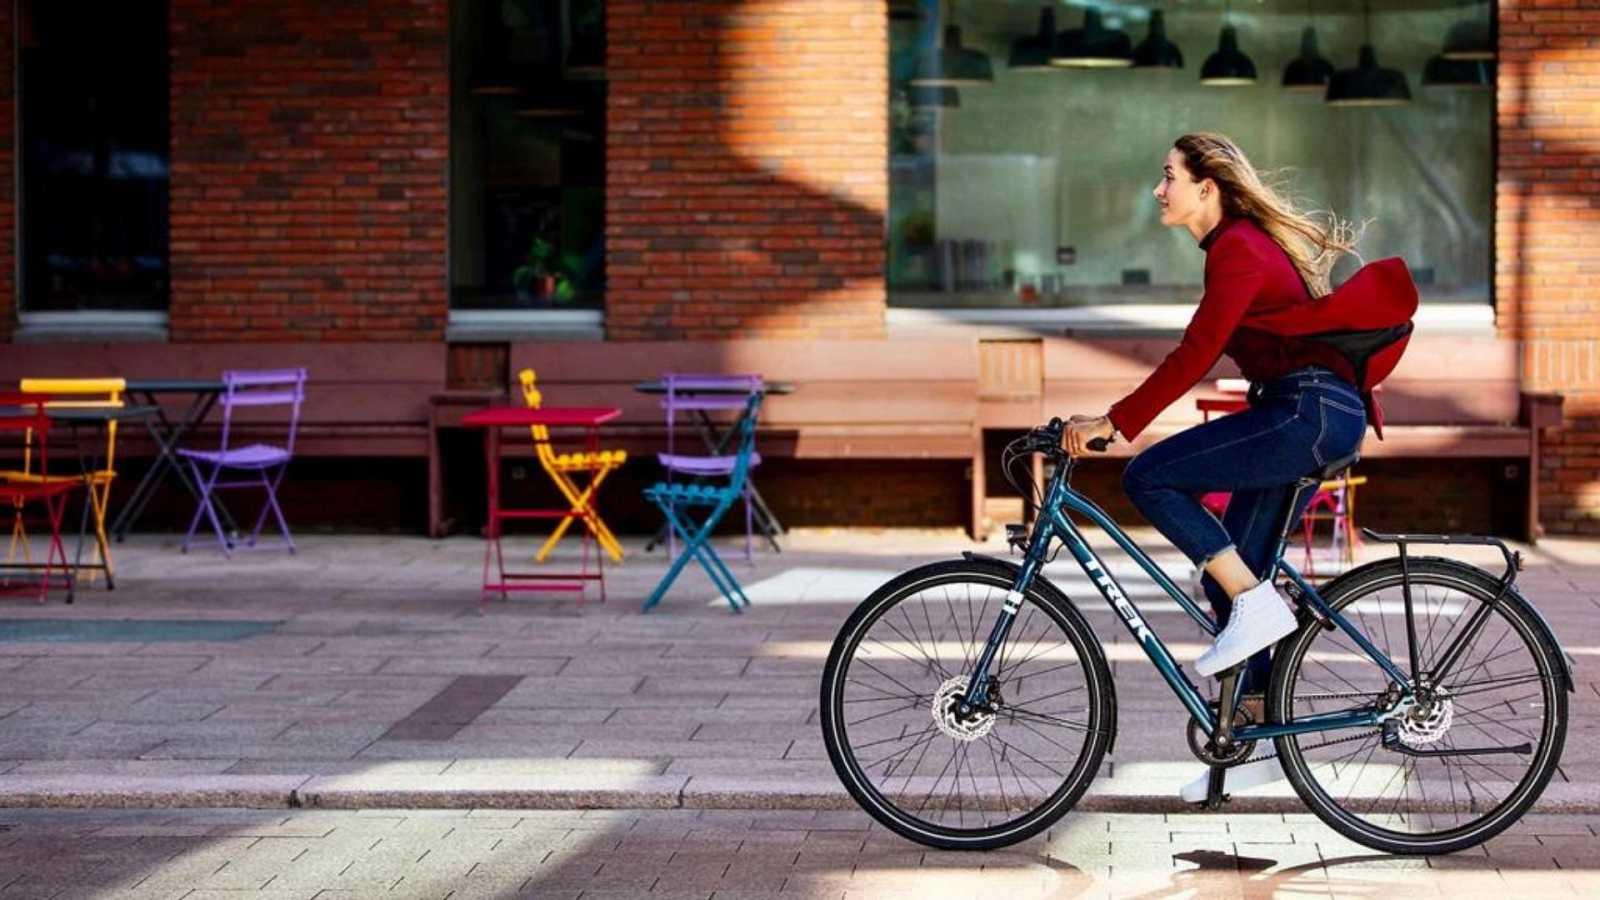 No es un día cualquiera - El uso de la bicicleta - Tertulia - Escuchar ahora